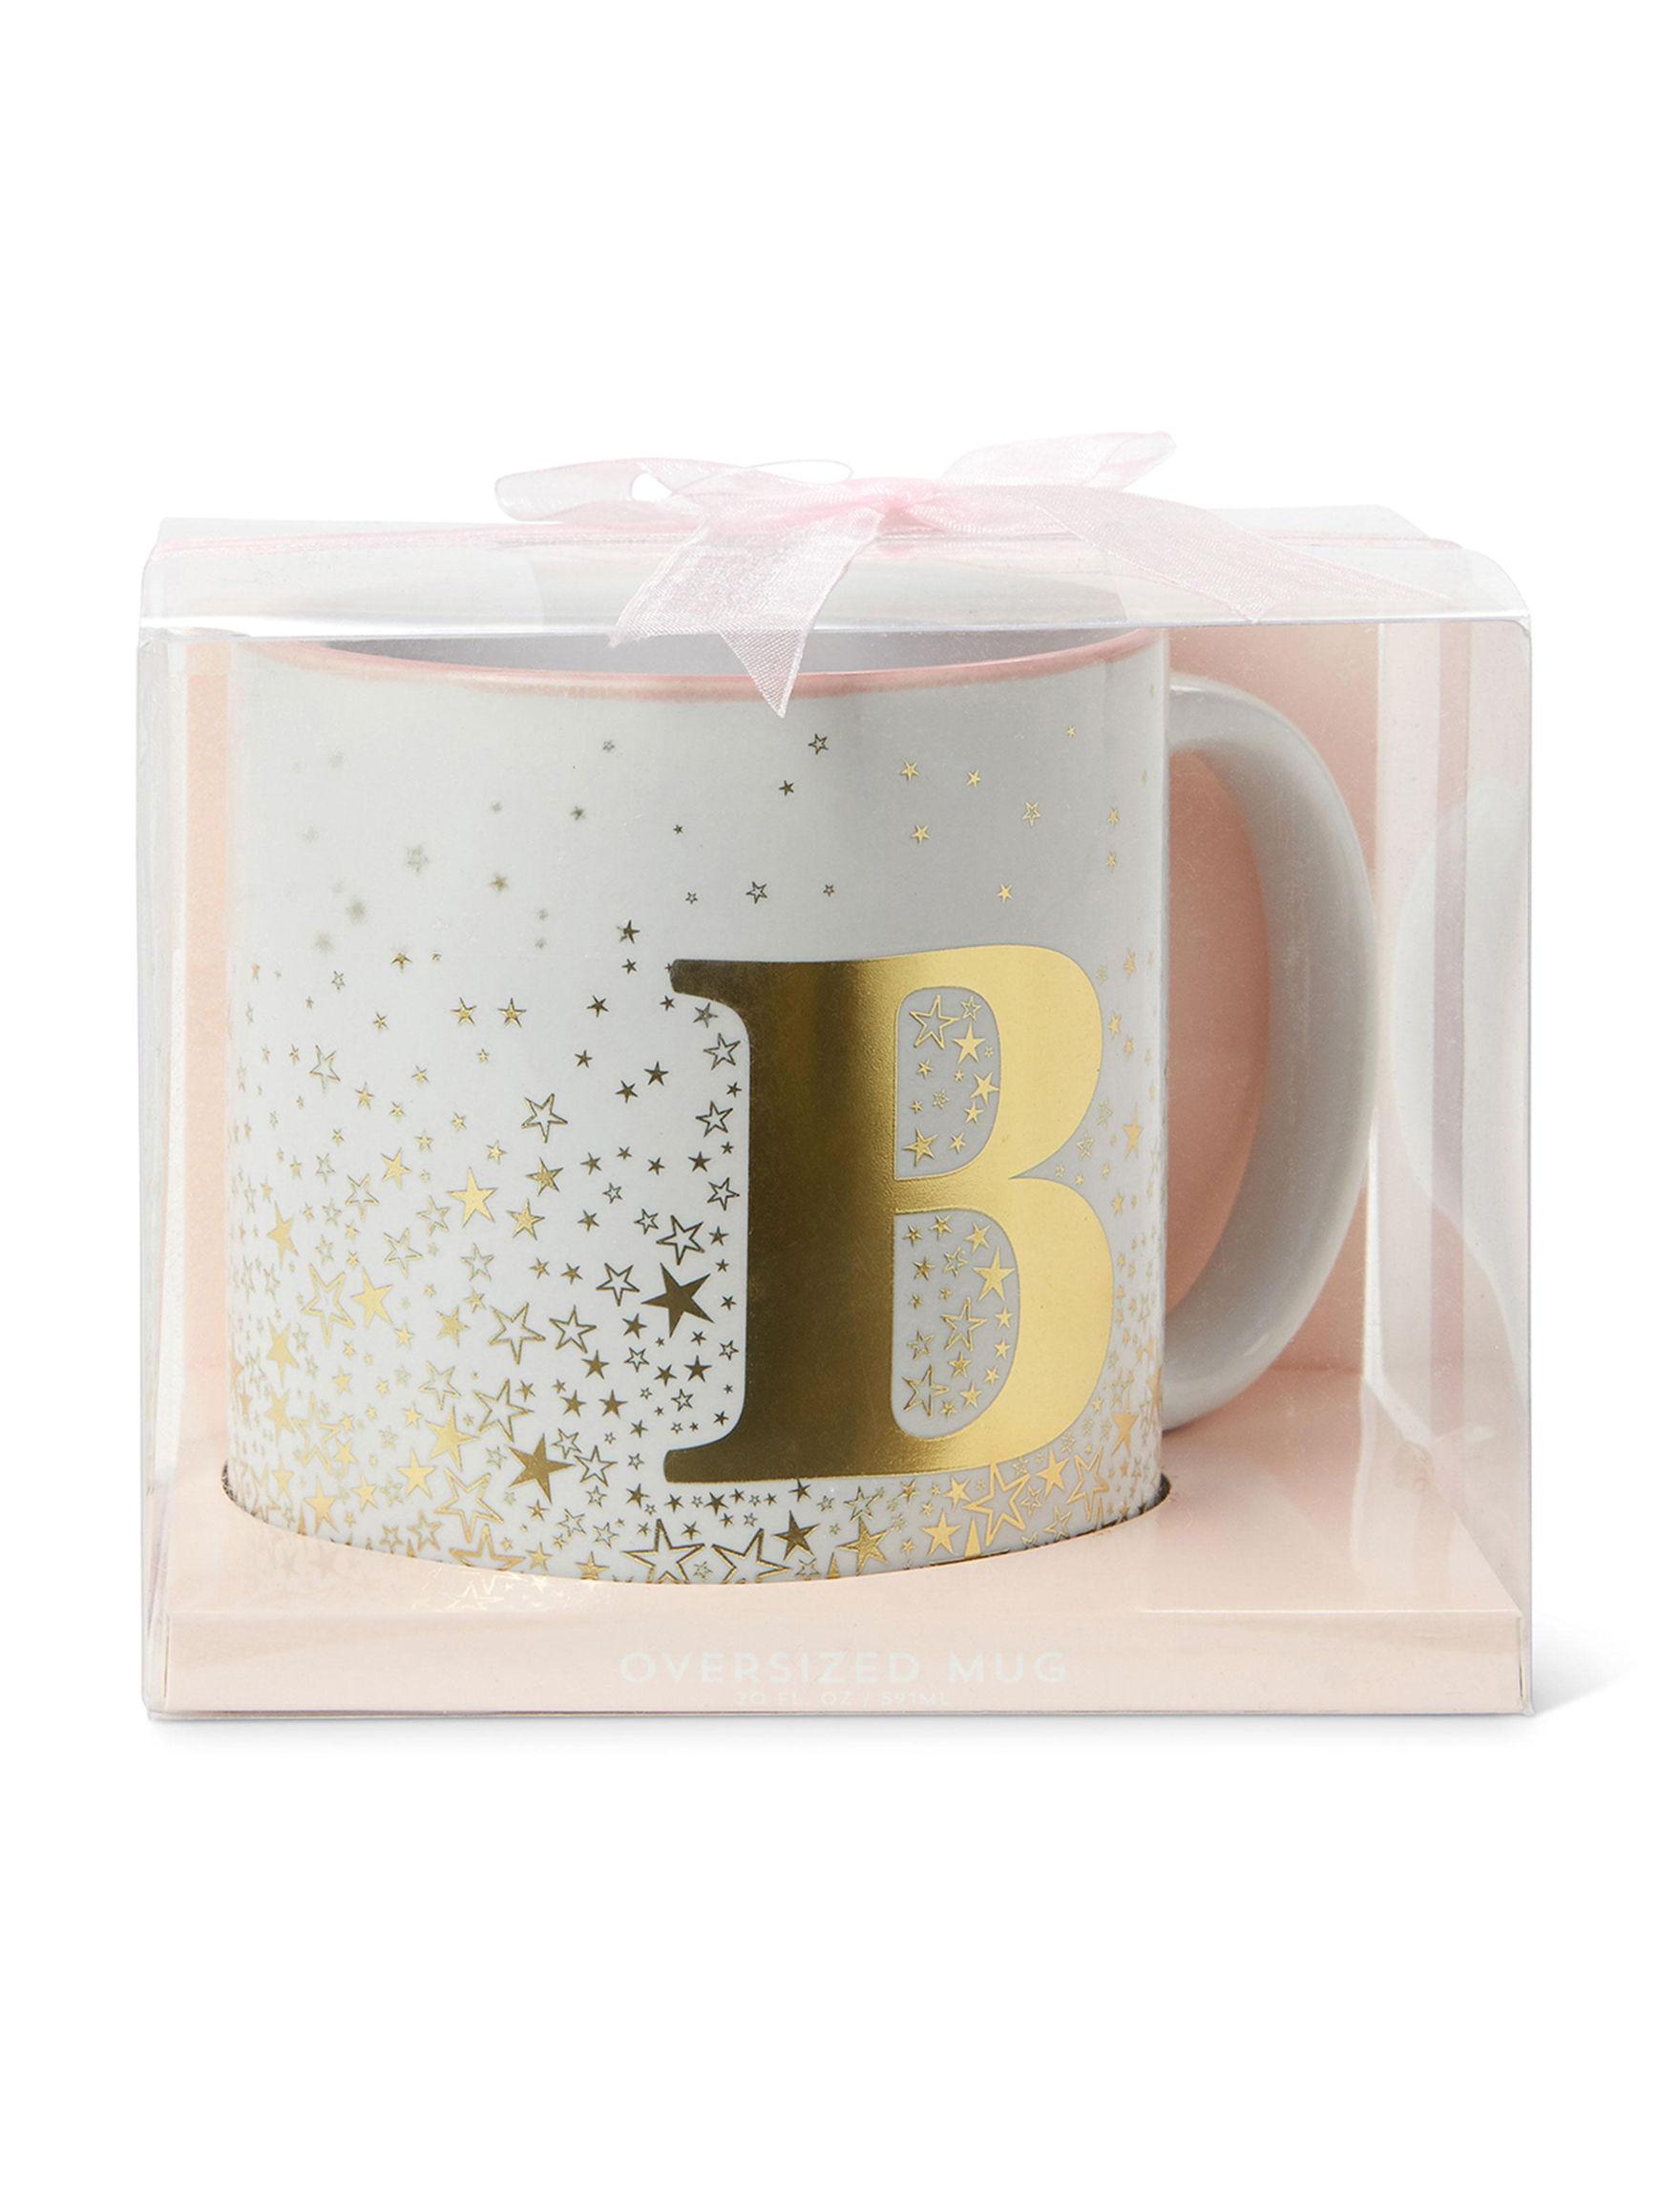 Tri Coastal White / Gold Monogram Mugs Drinkware